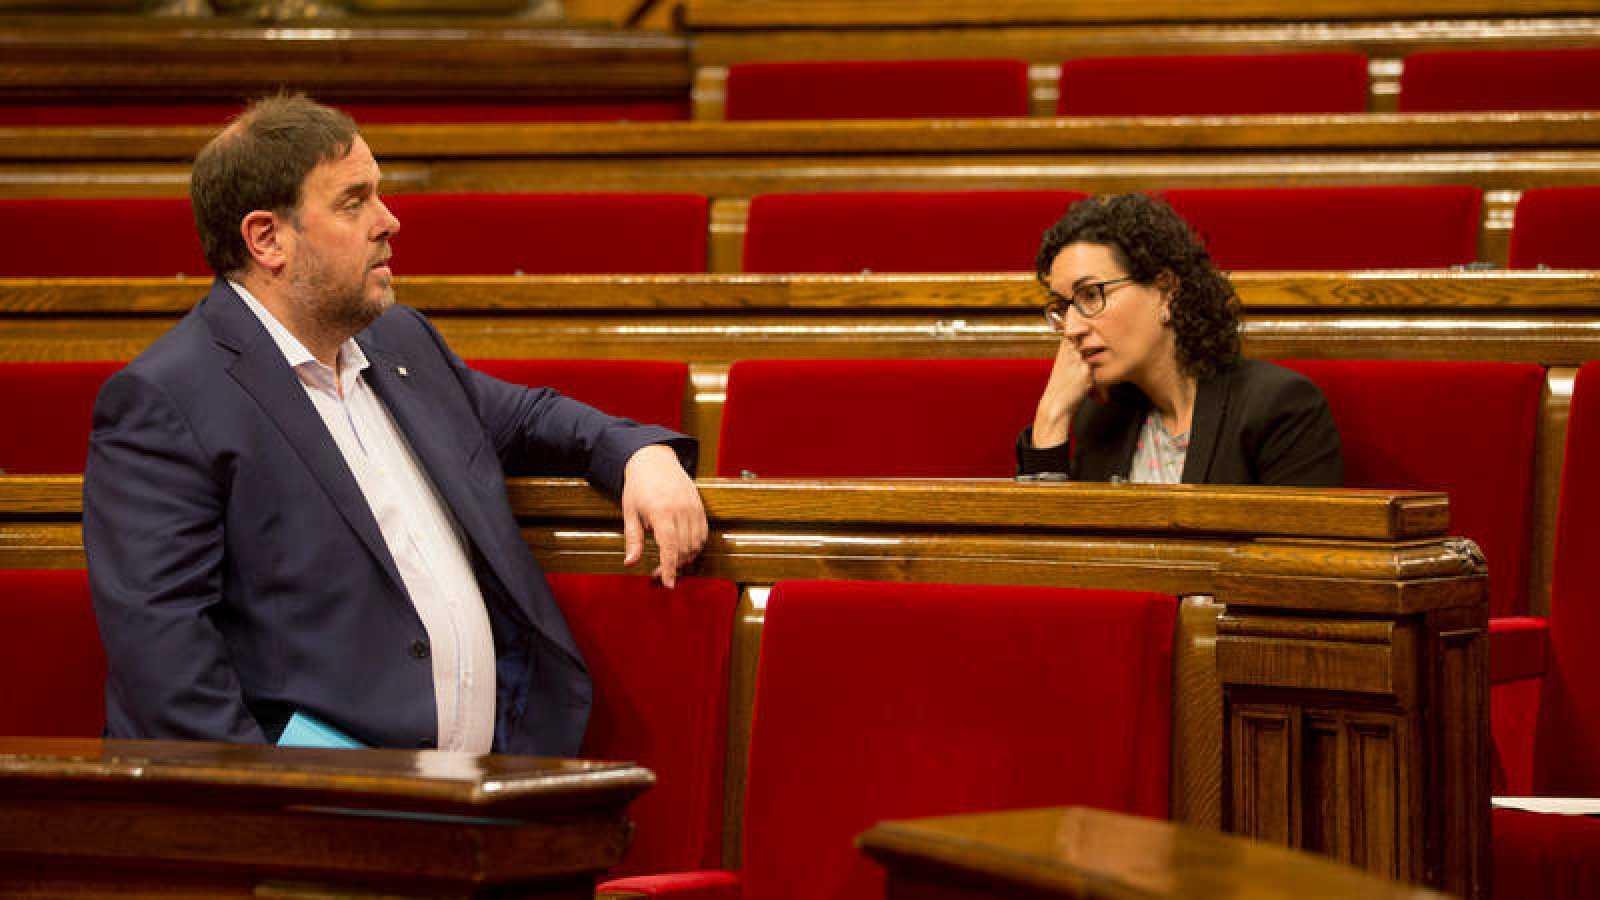 Oriol Junqueras y Marta Rovira en una imagen de archivodel 26/04/2017